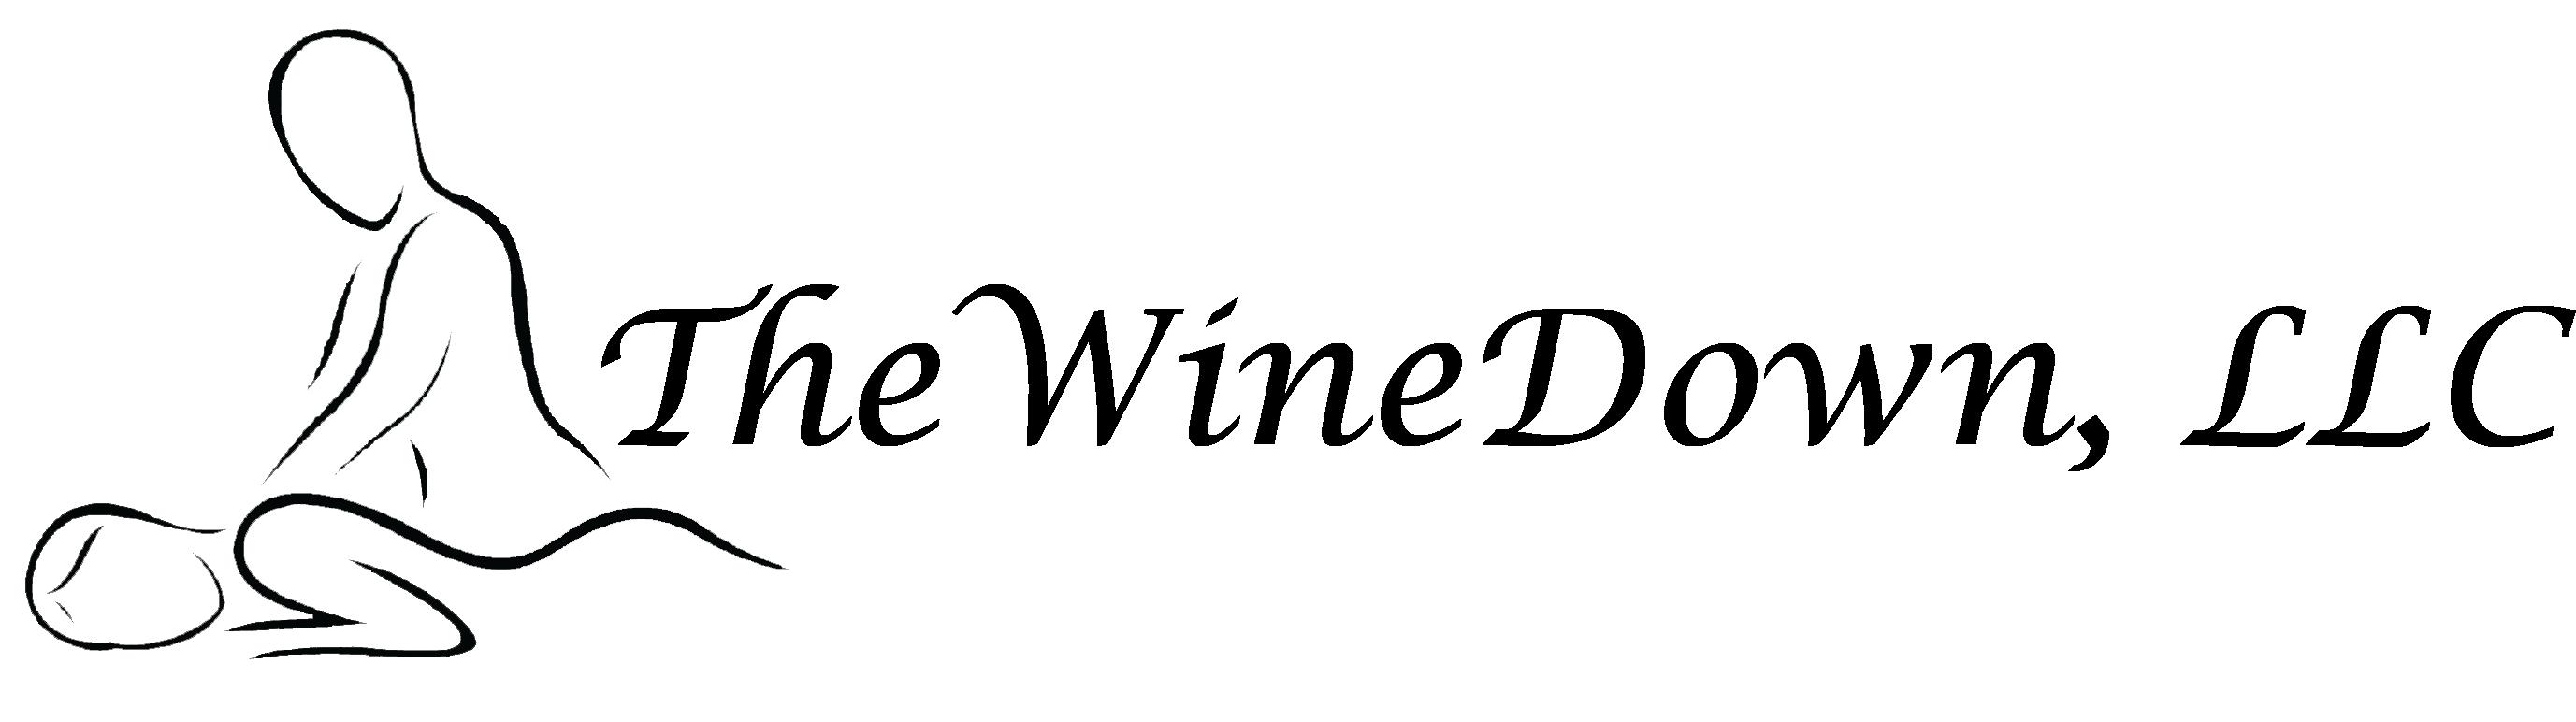 TWDlogofinal